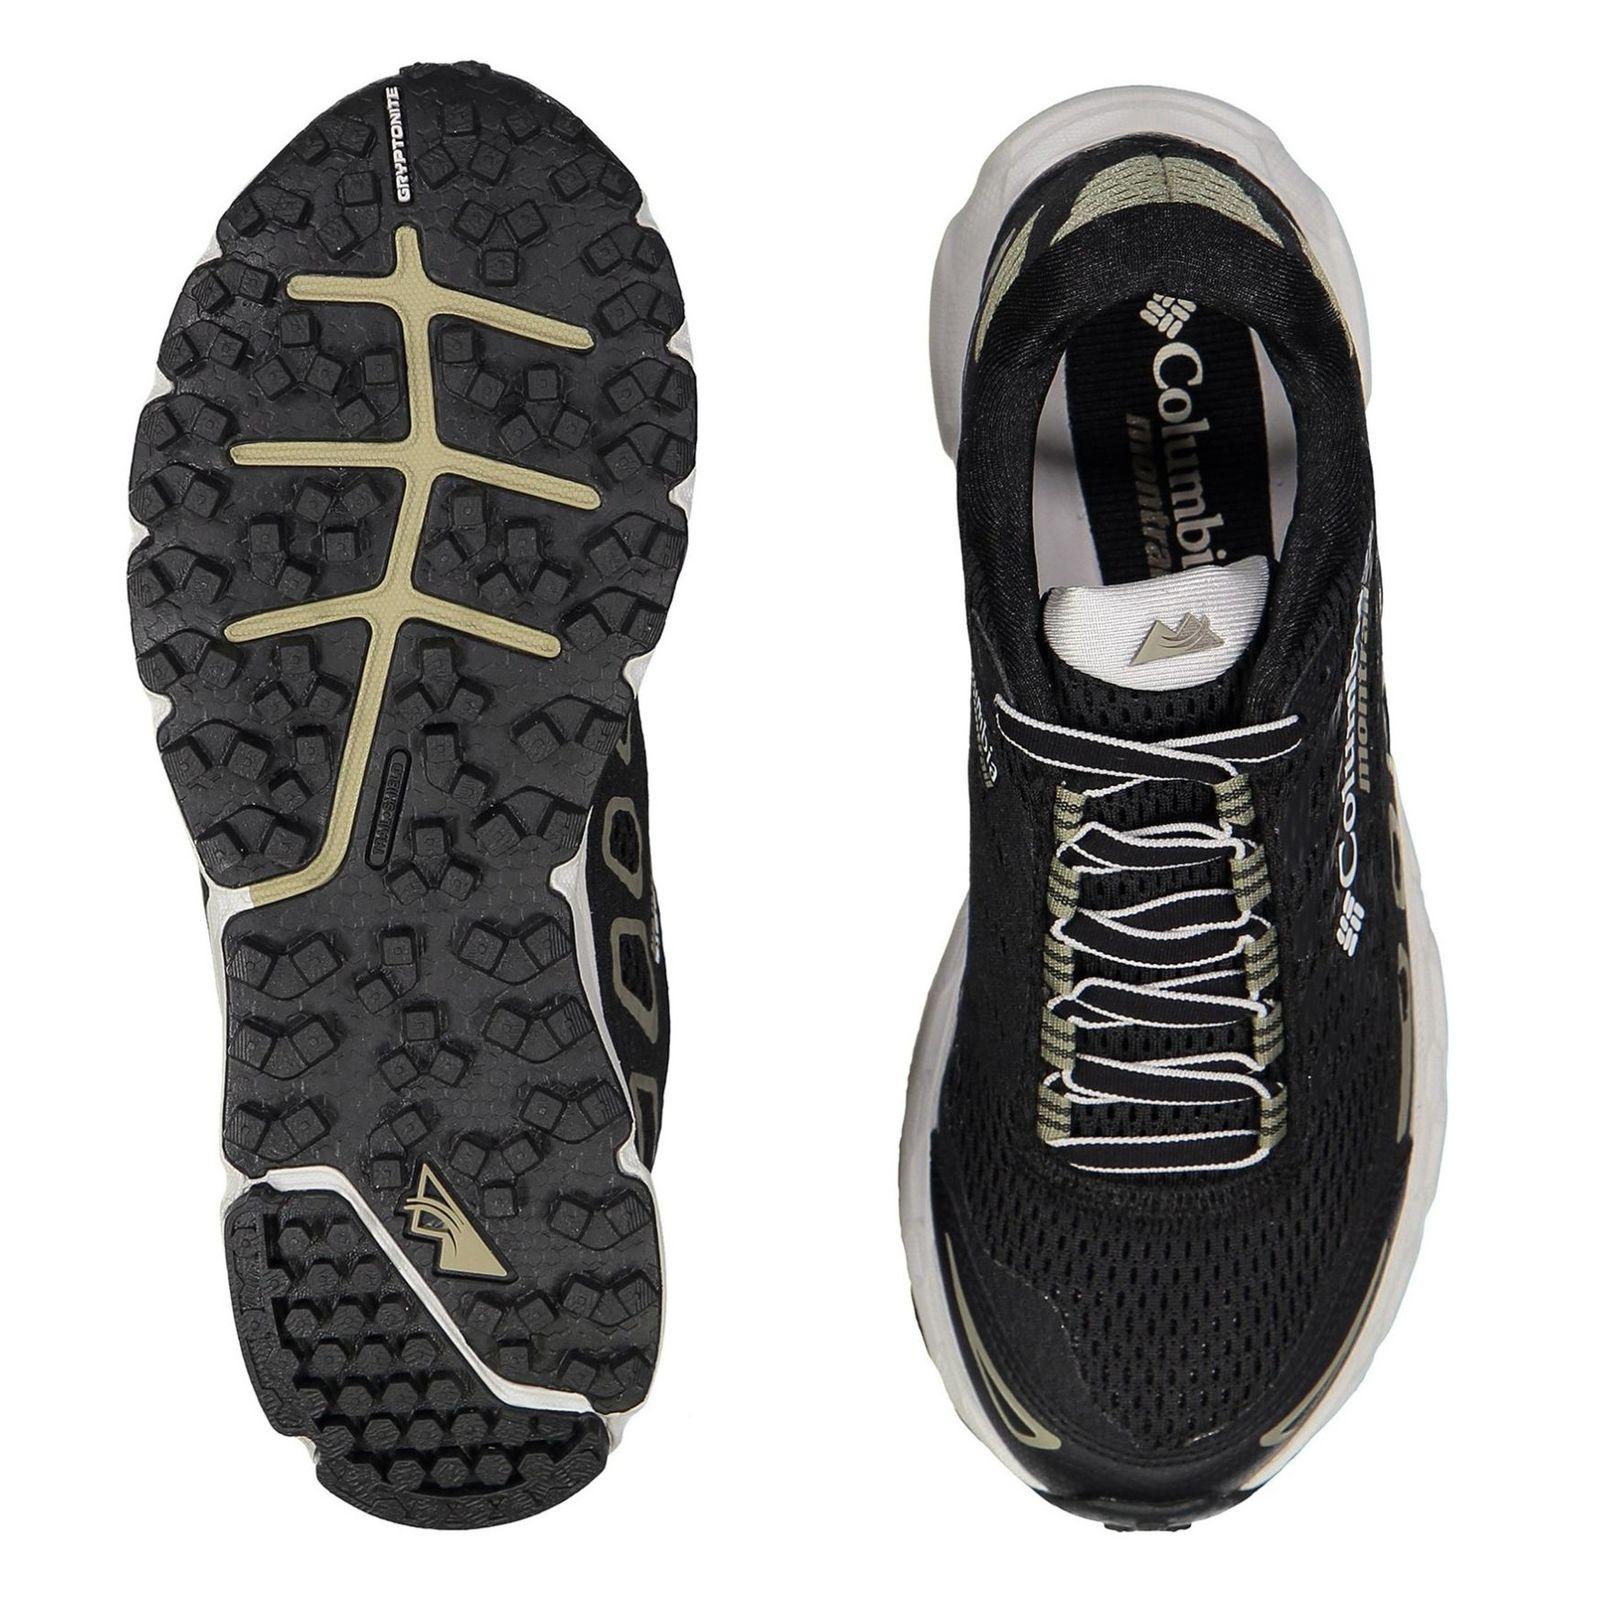 کفش مخصوص دویدن زنانه کلمبیا مدل  BL4570-011 -  - 13